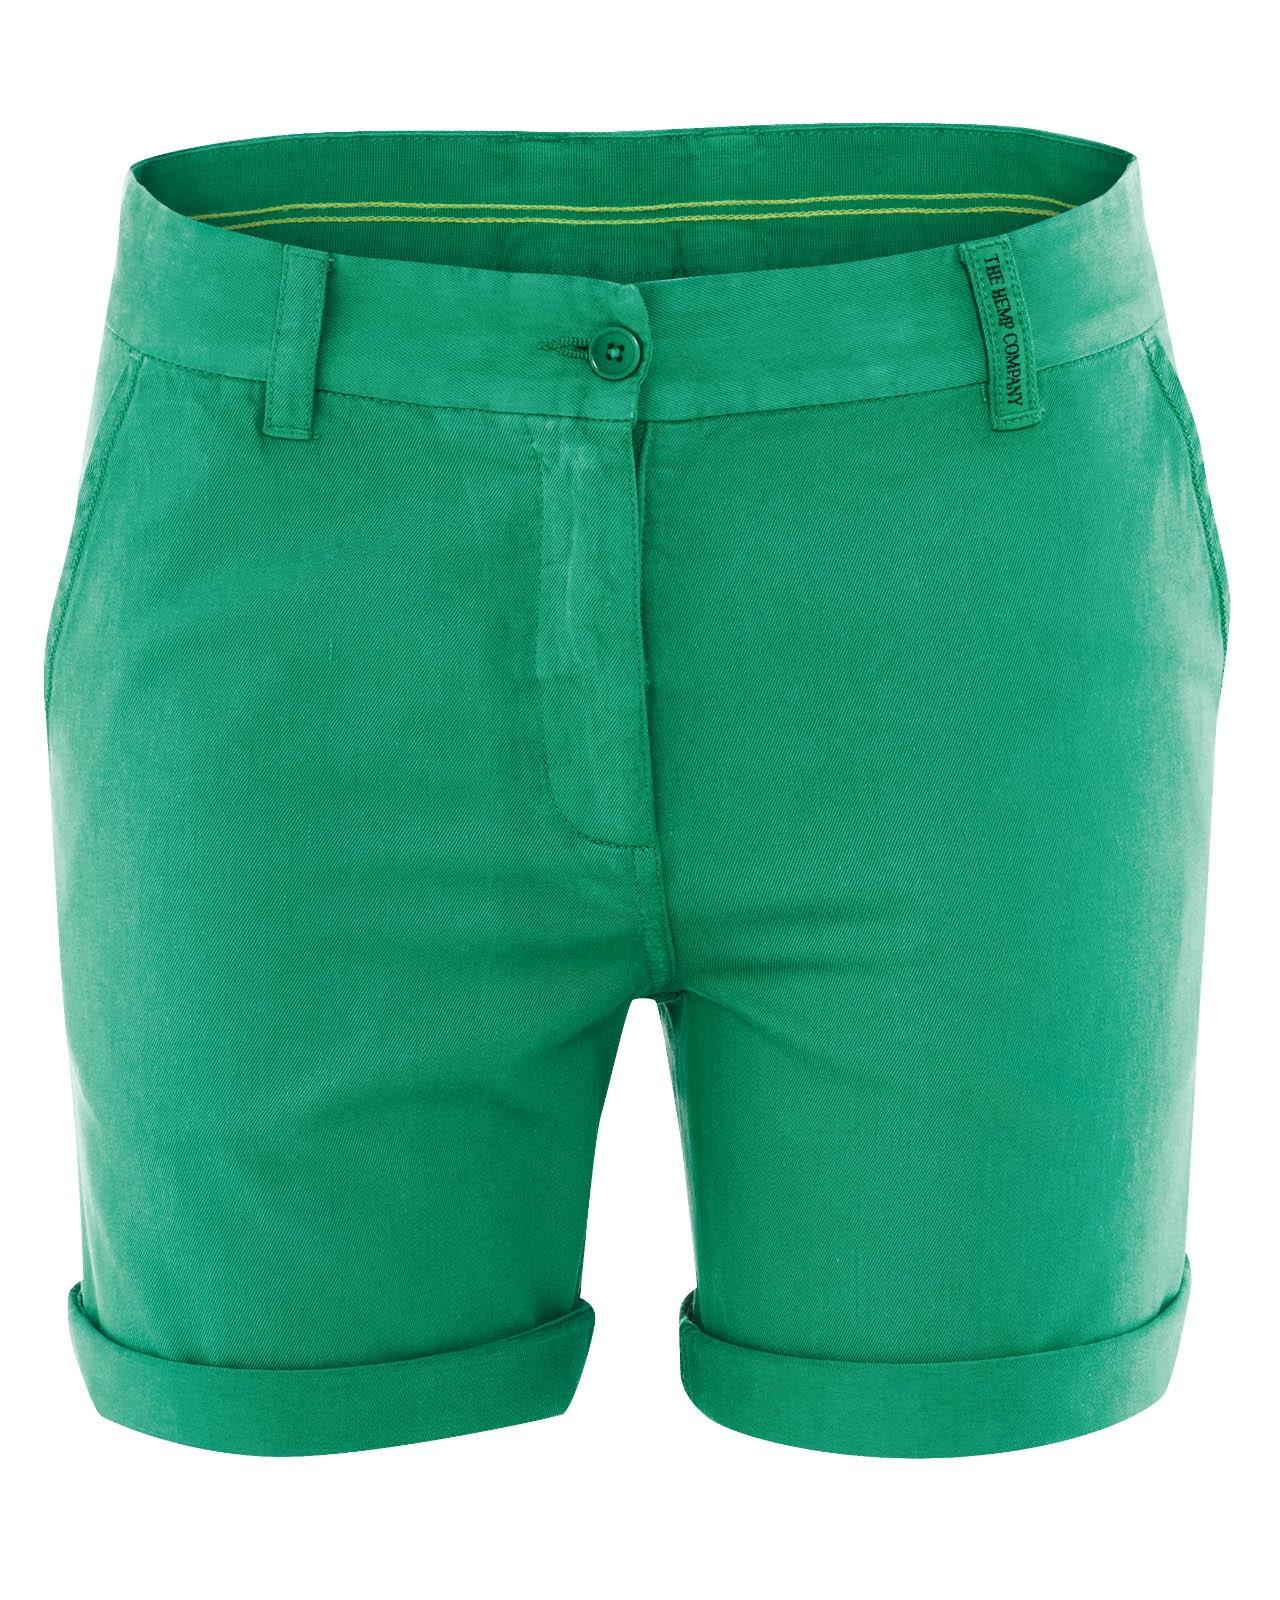 hempage hanf shorts jane farbe smaragd aus hanf und bio baumwolle kaufen im hanfwaren shop. Black Bedroom Furniture Sets. Home Design Ideas